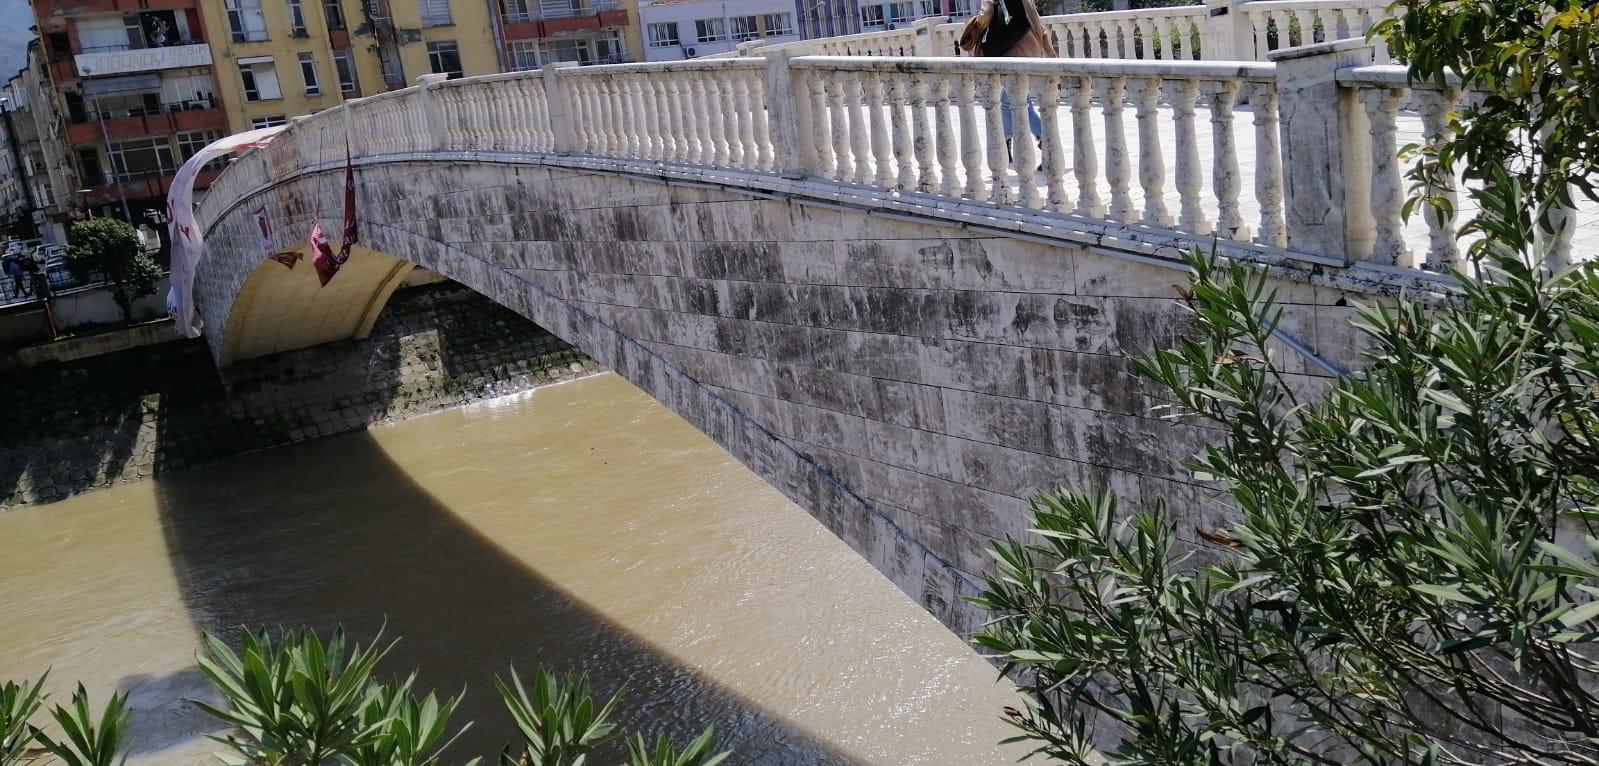 Asi köprüleri üstünde yosun temizliği